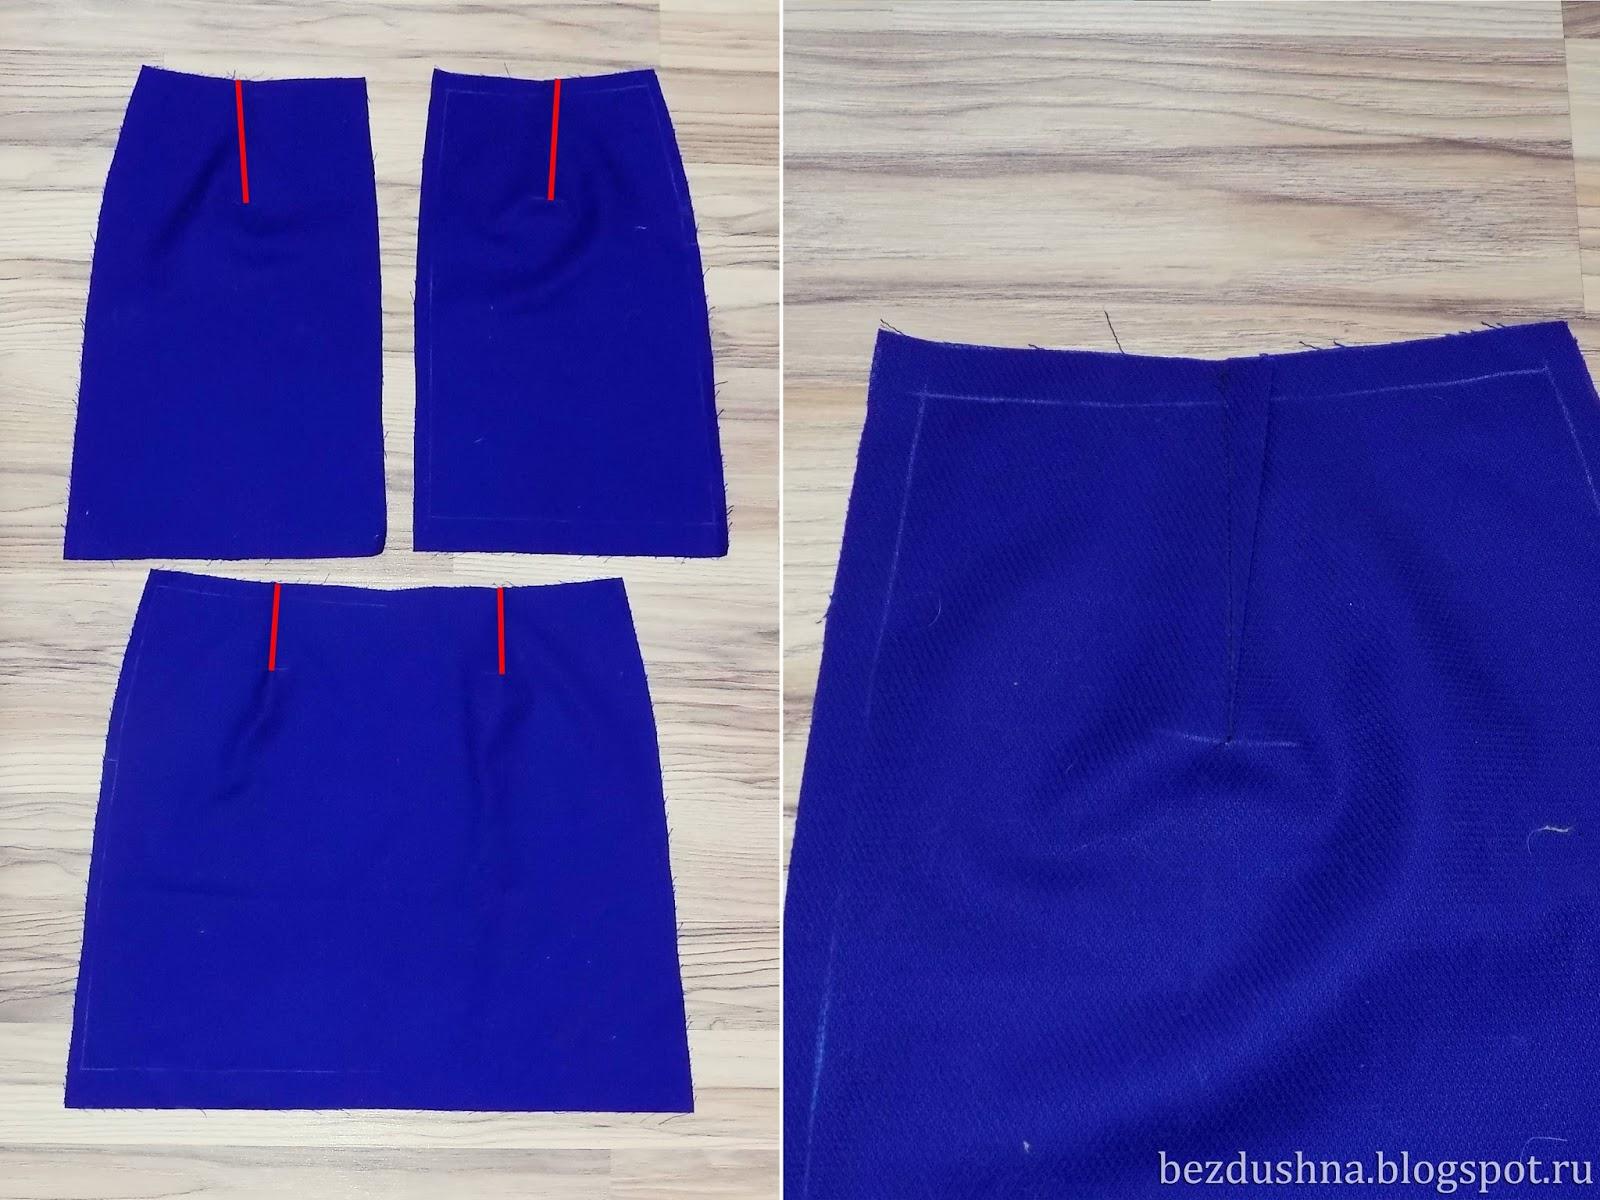 Шьем юбки своими руками. Длинная юбка или юбка-мини, юбка 6